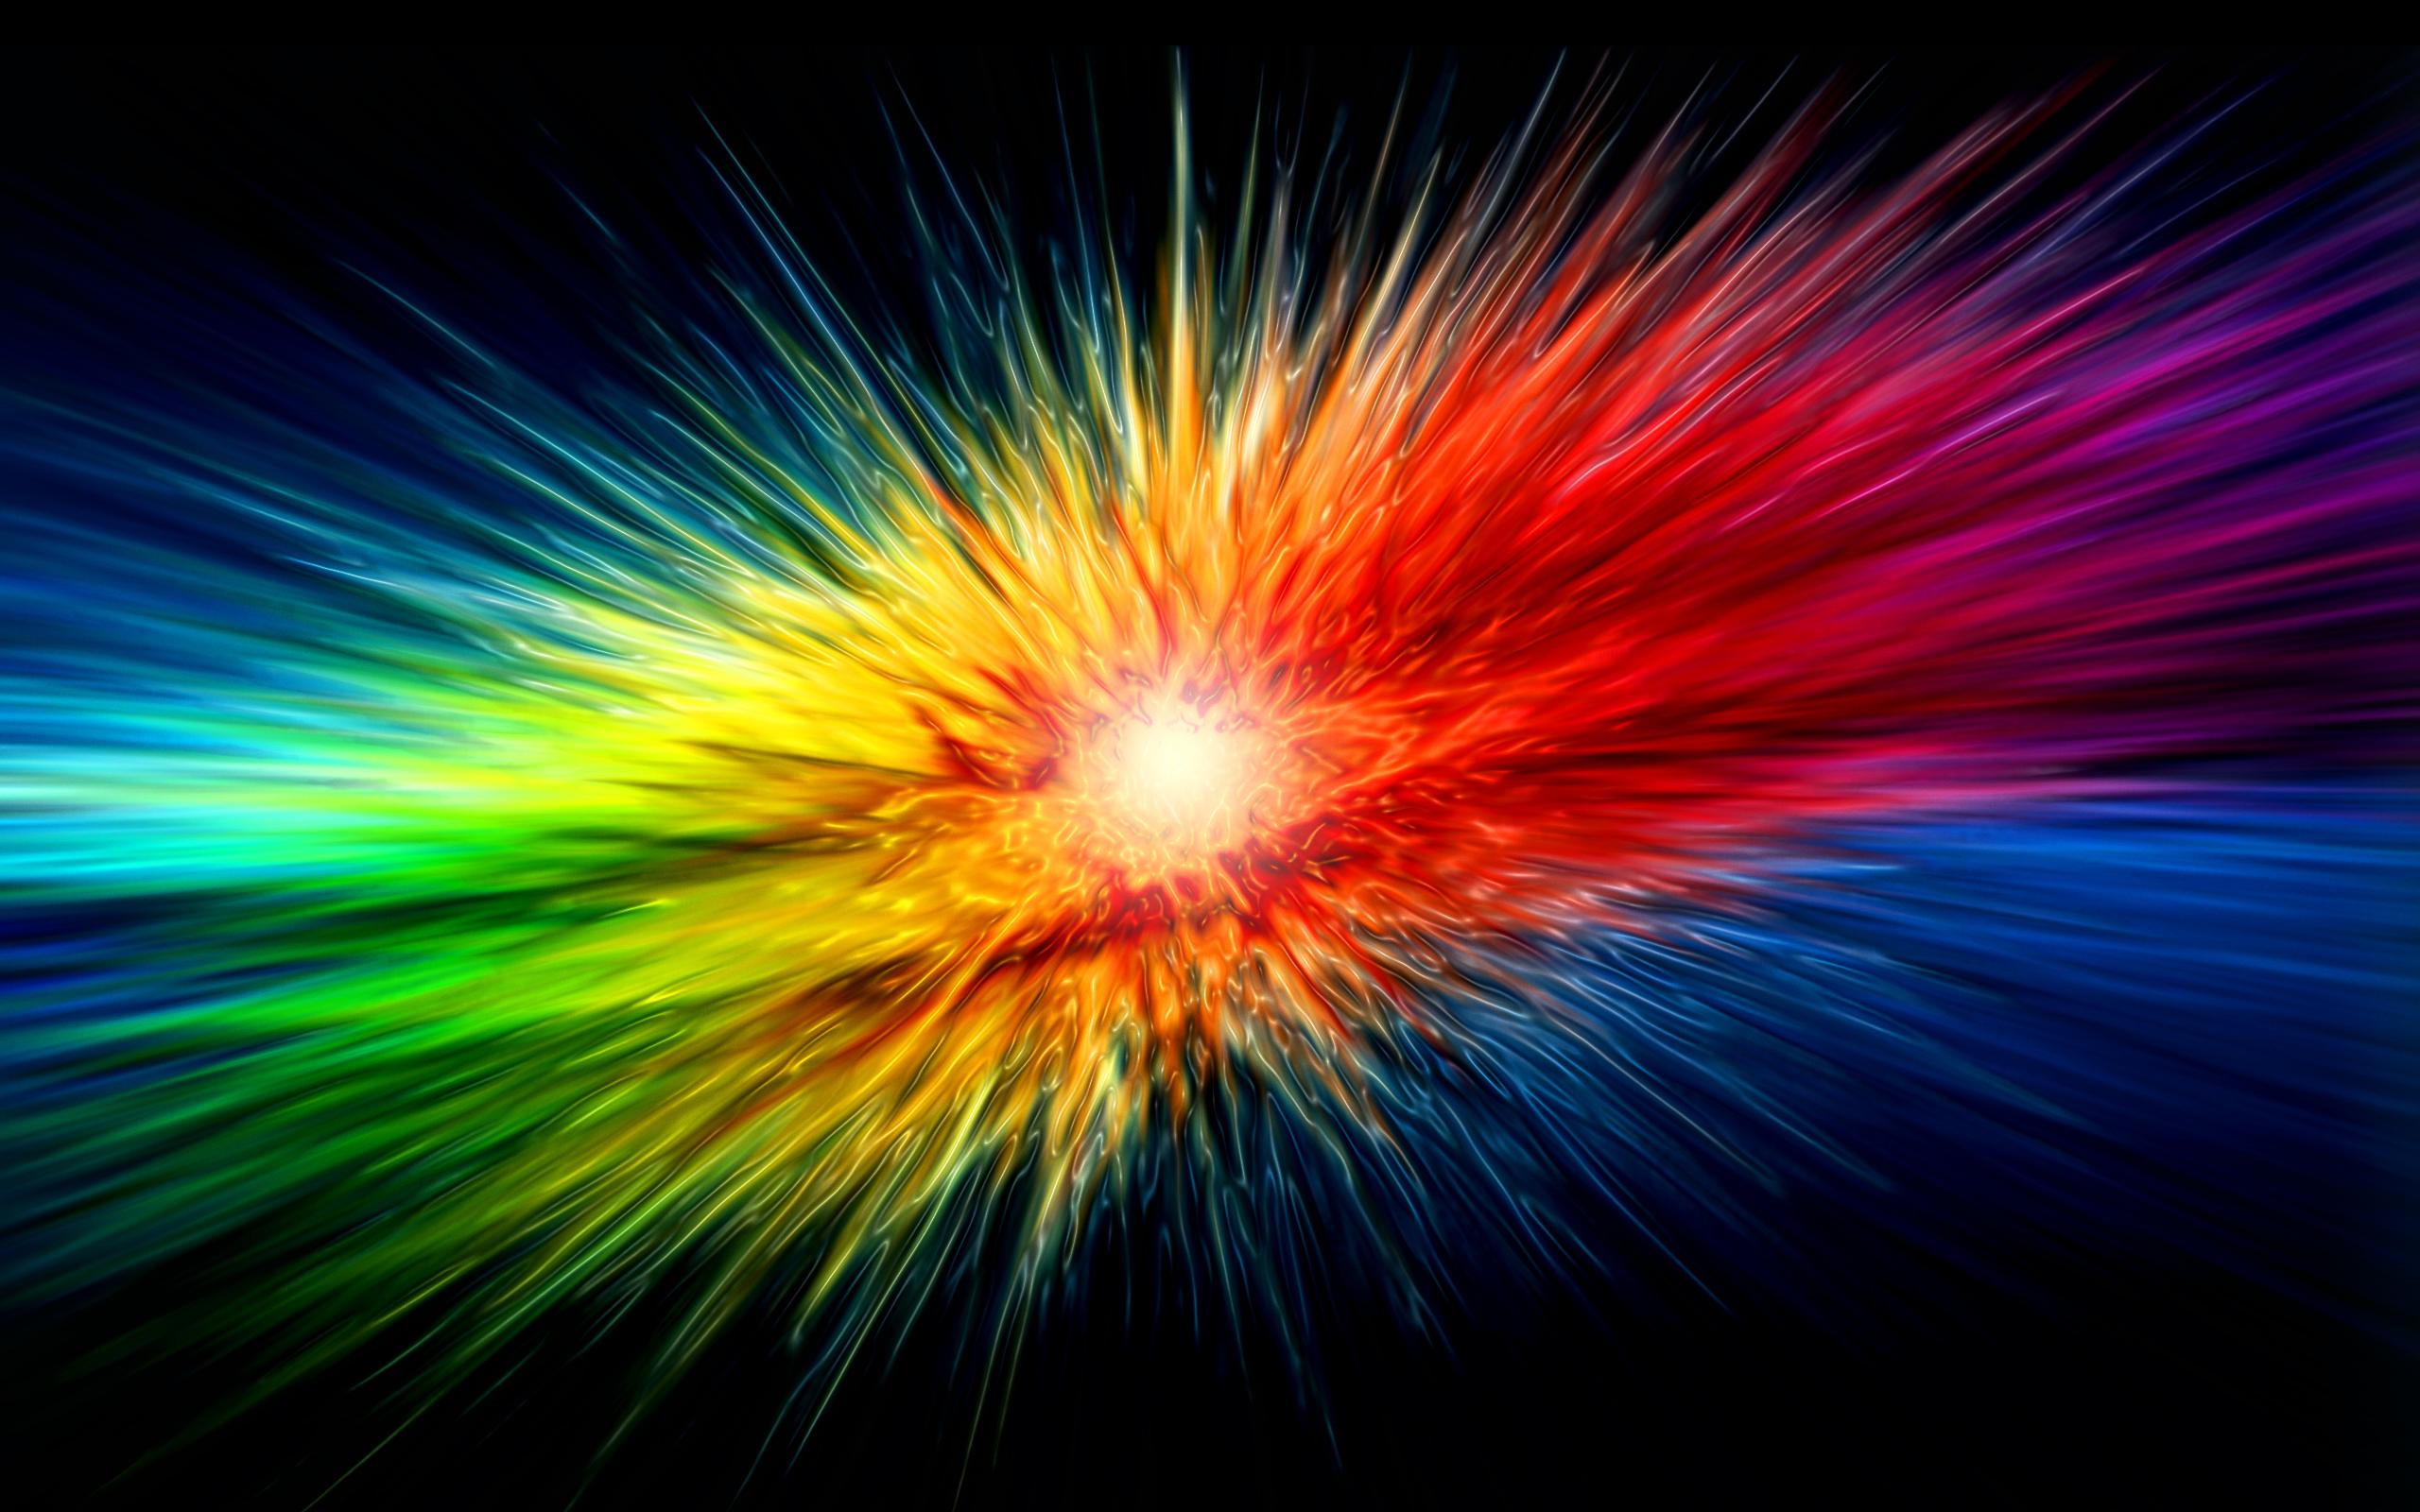 Sfondi 2560x1600 Px Astratto Colorato Sfondi Hd Arancia